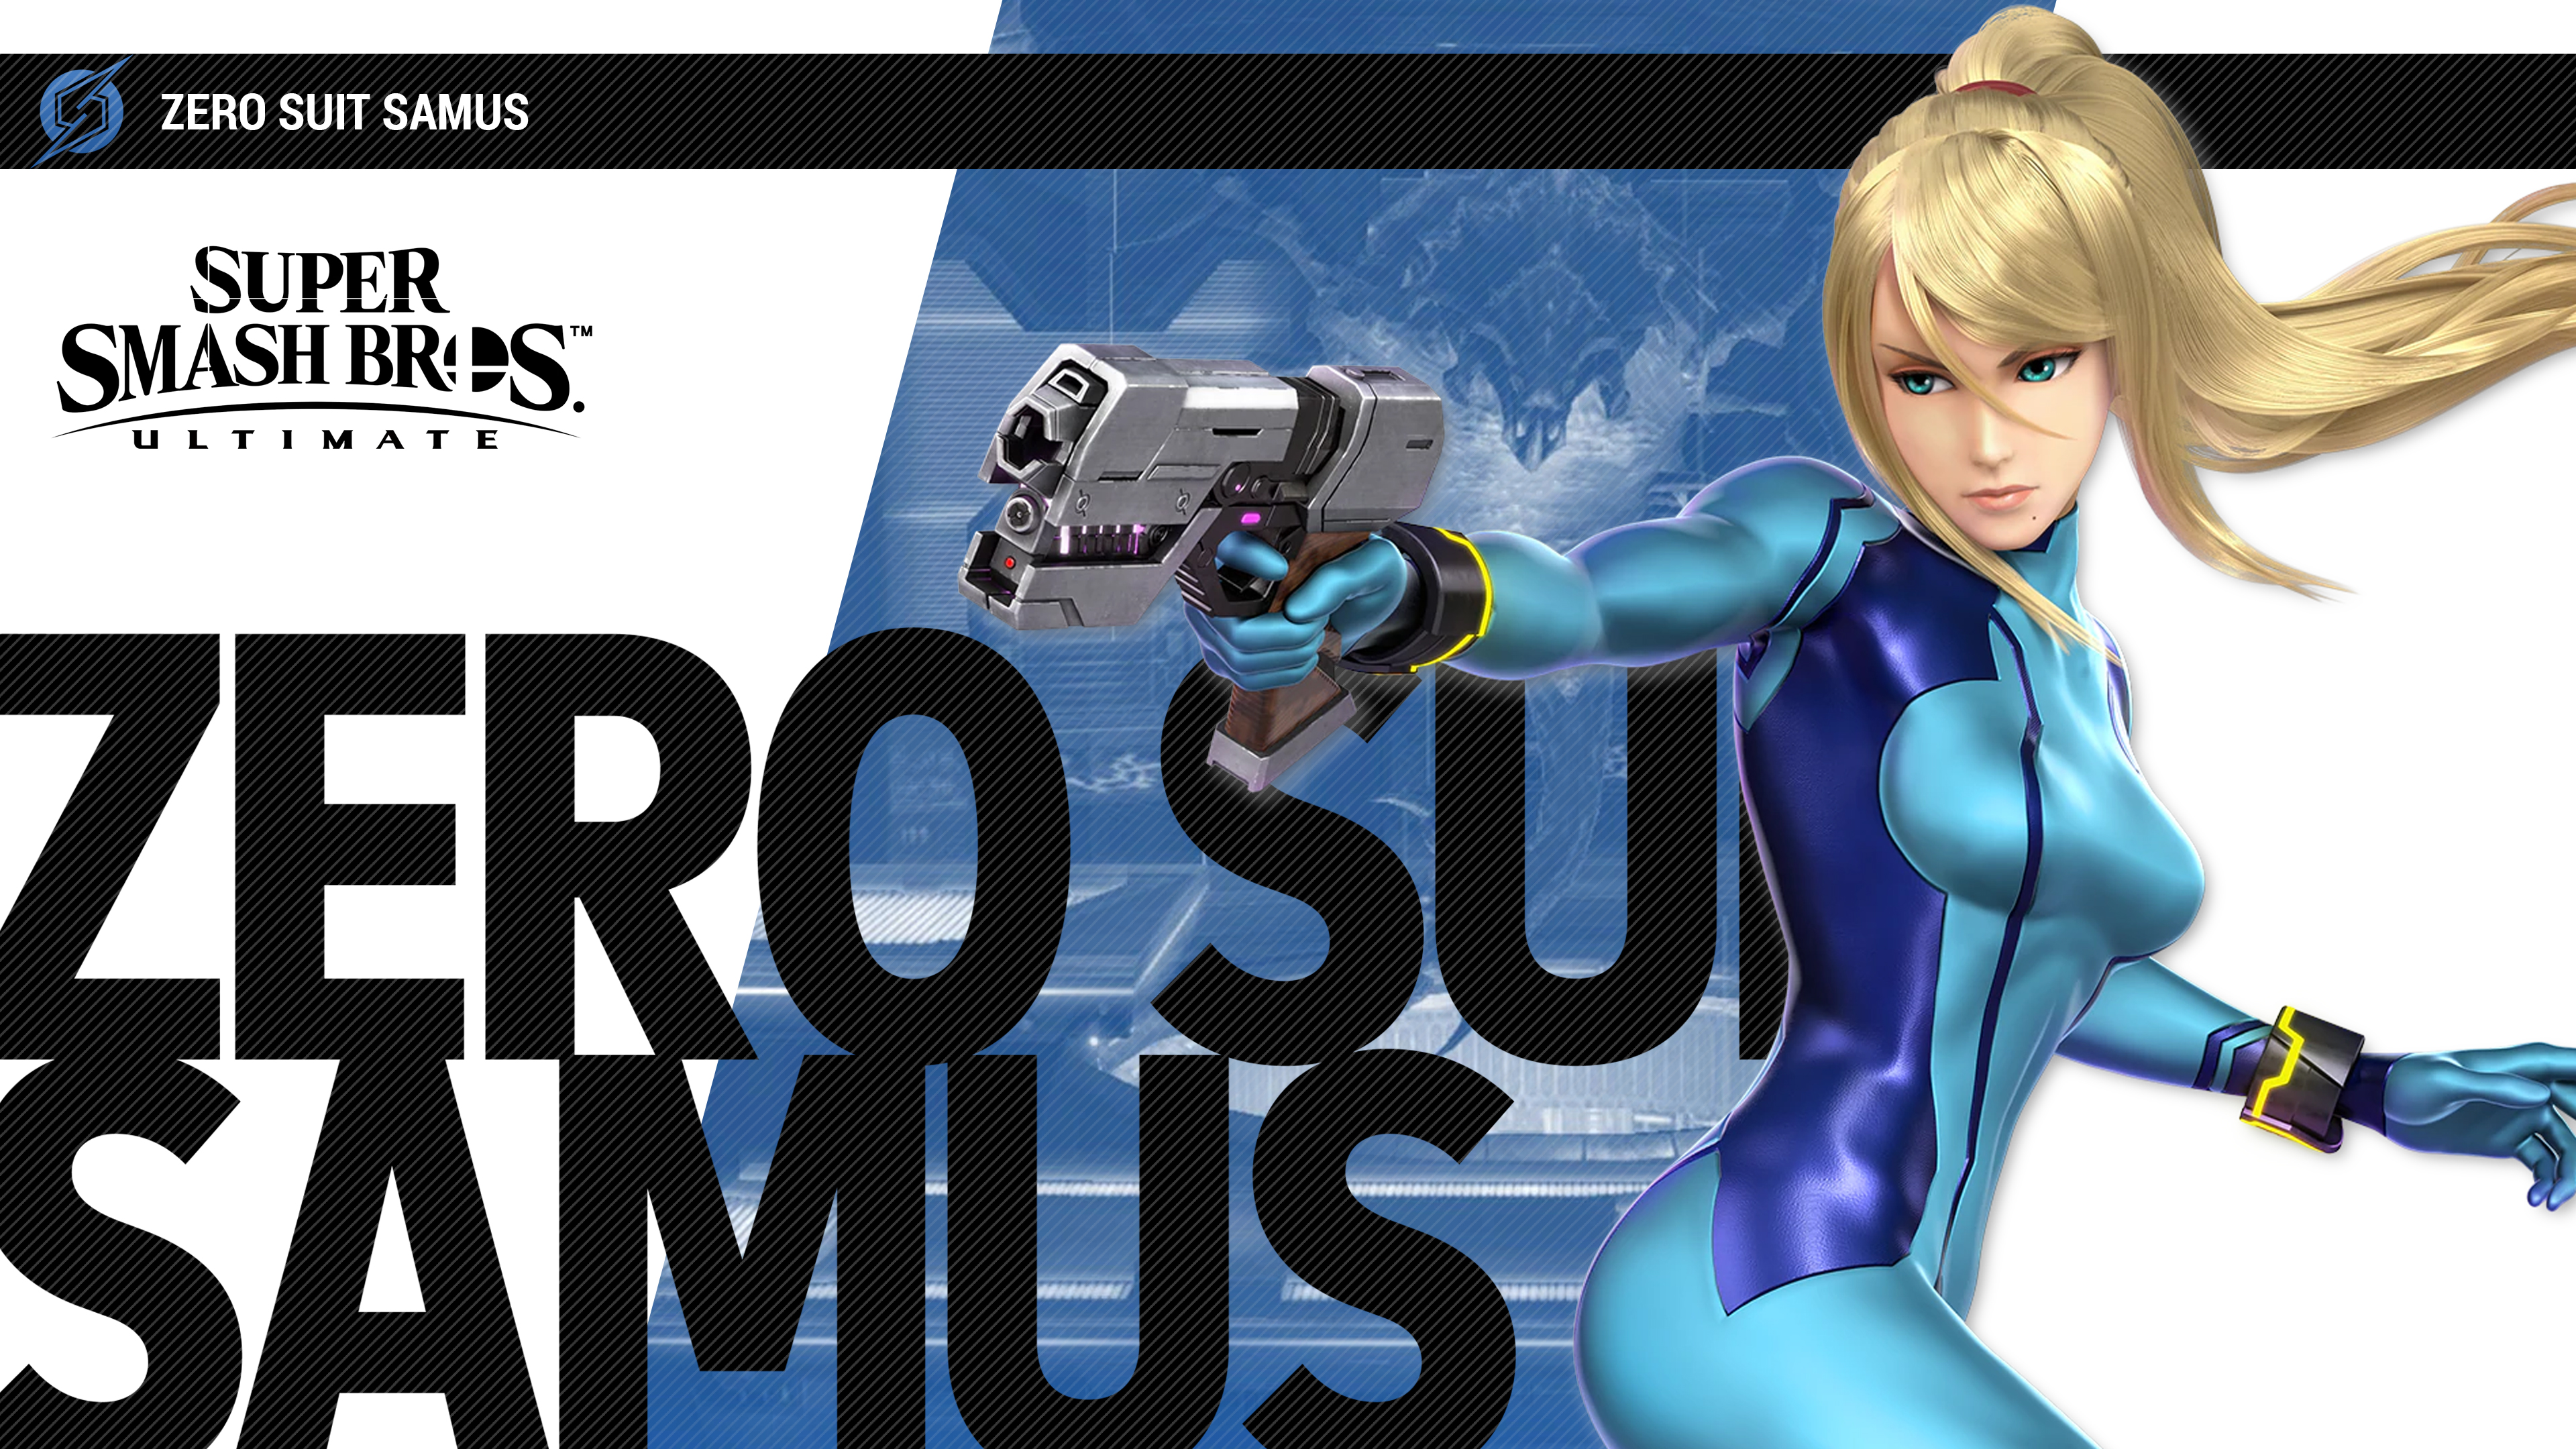 Super Smash Bros Ultimate Zero Suit Samus Wallpapers | Cat